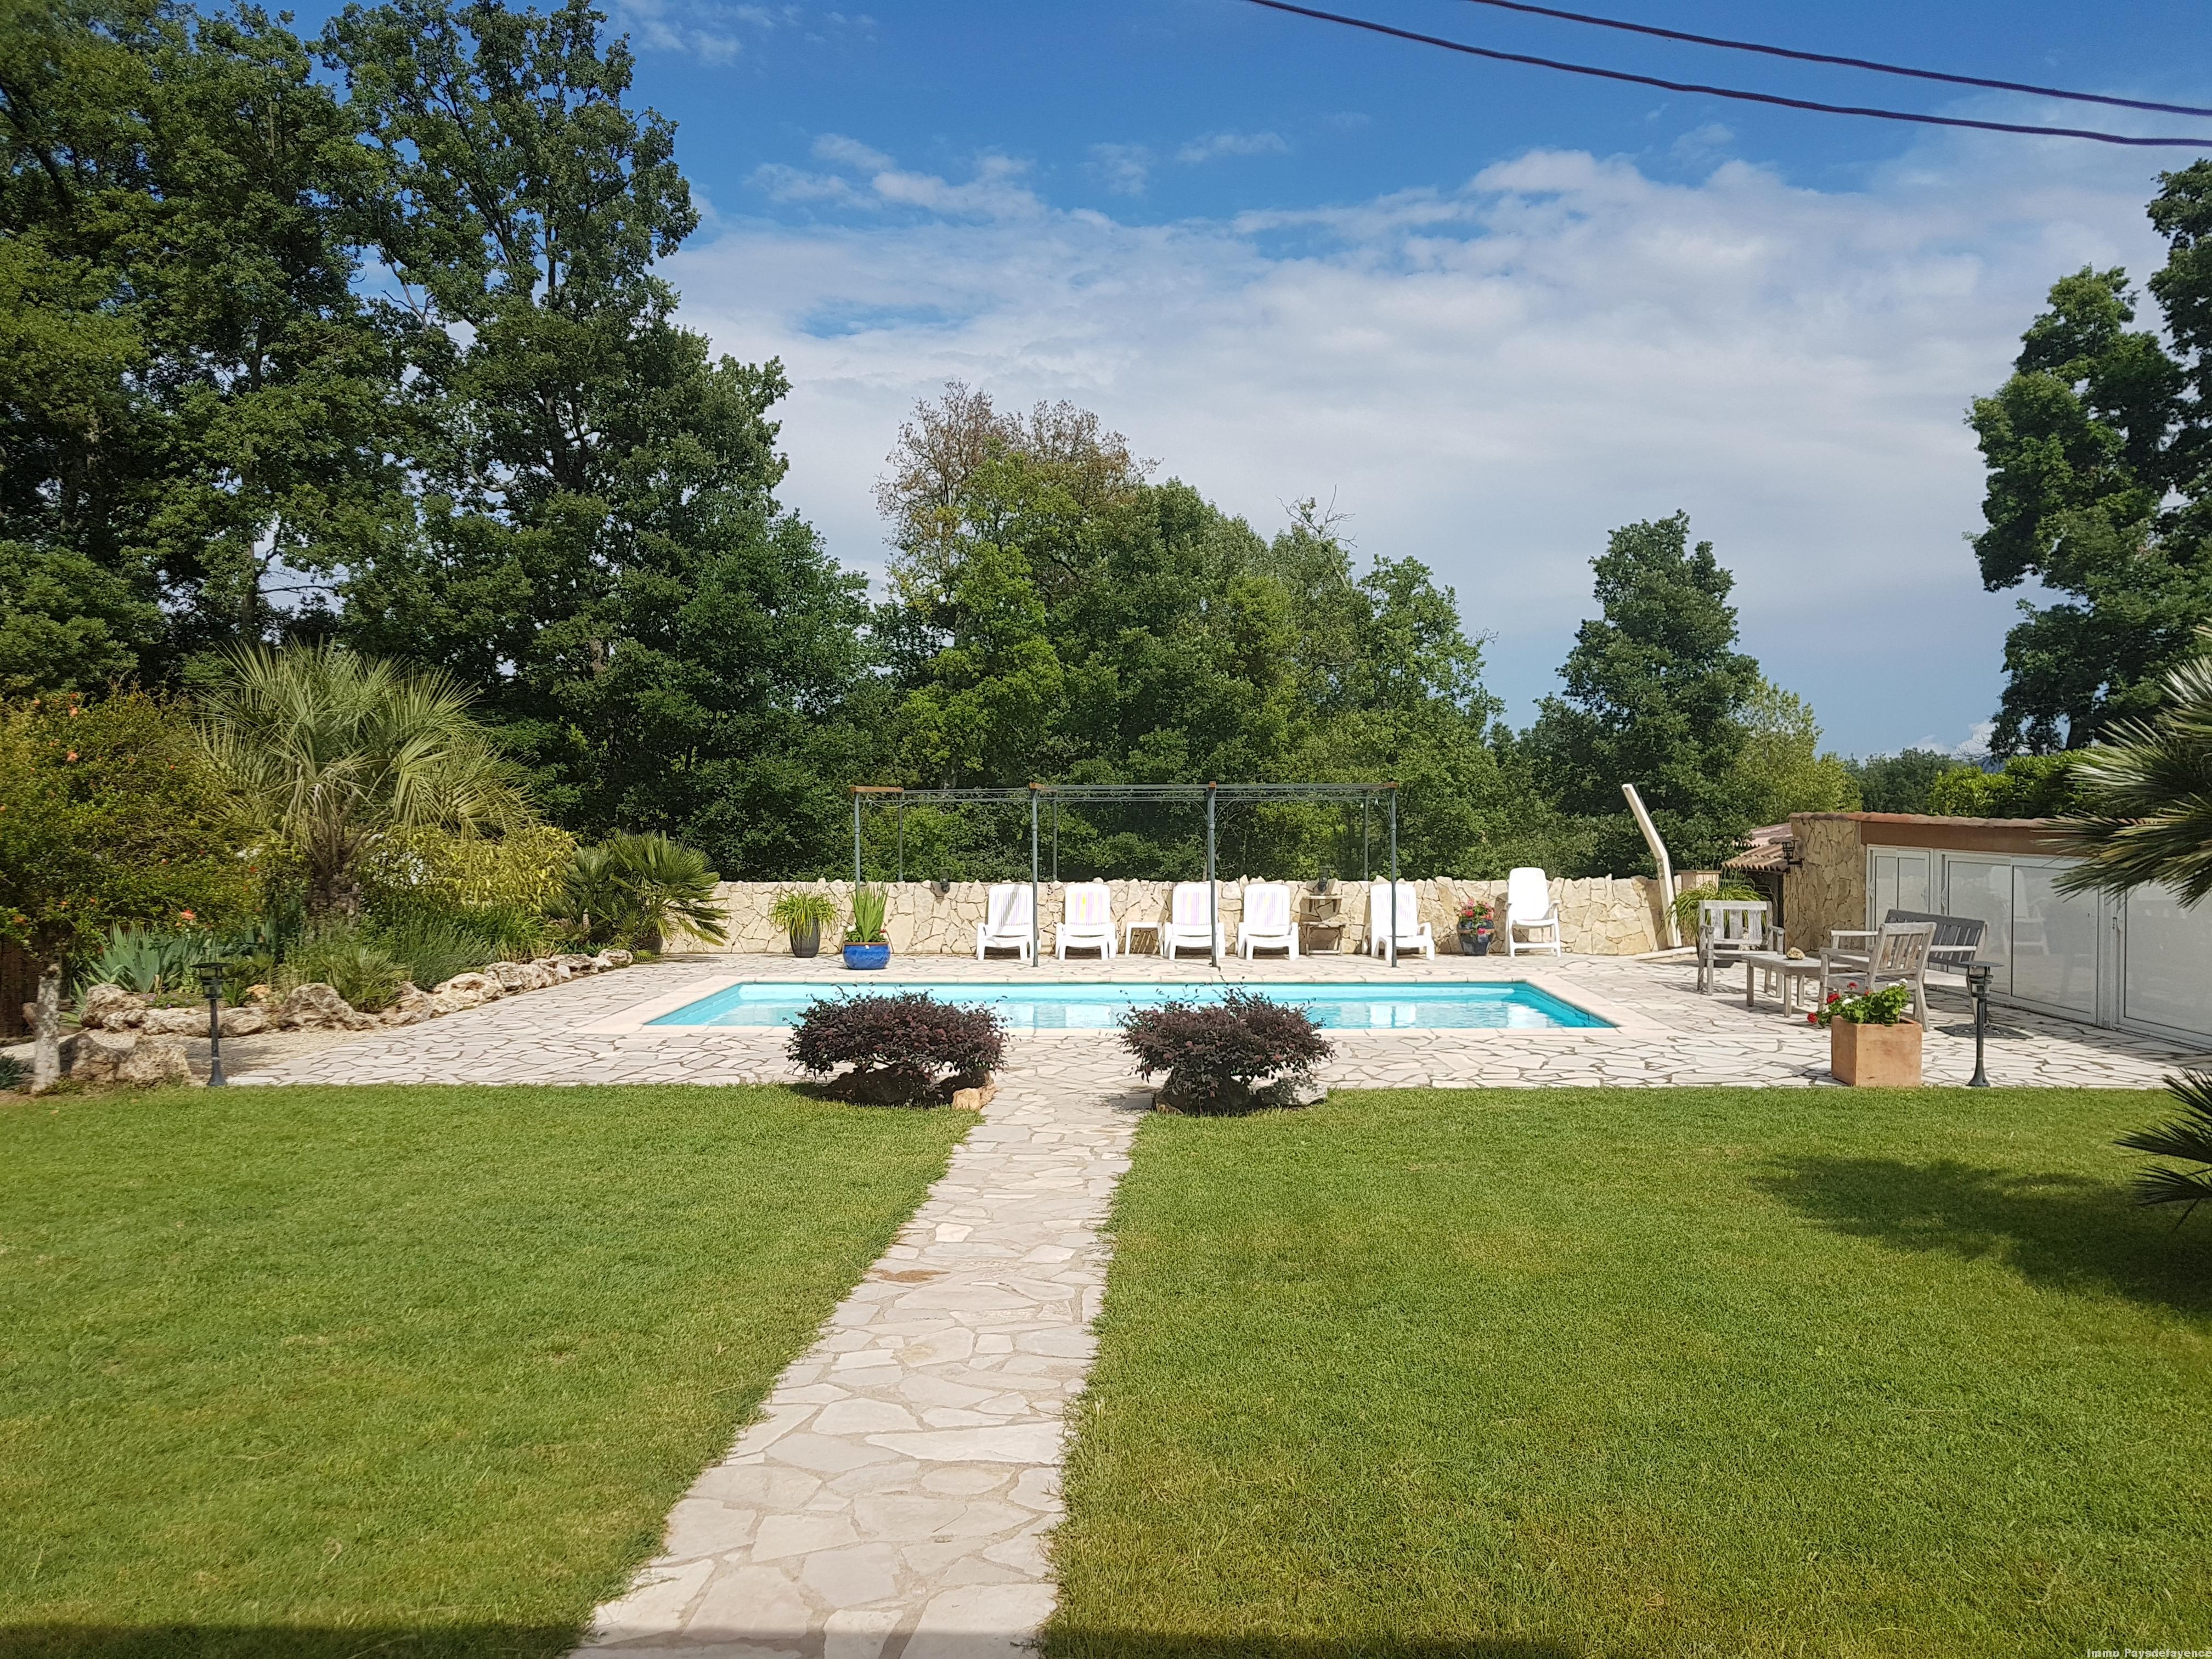 Bagnols en Foret, maison avec piscine